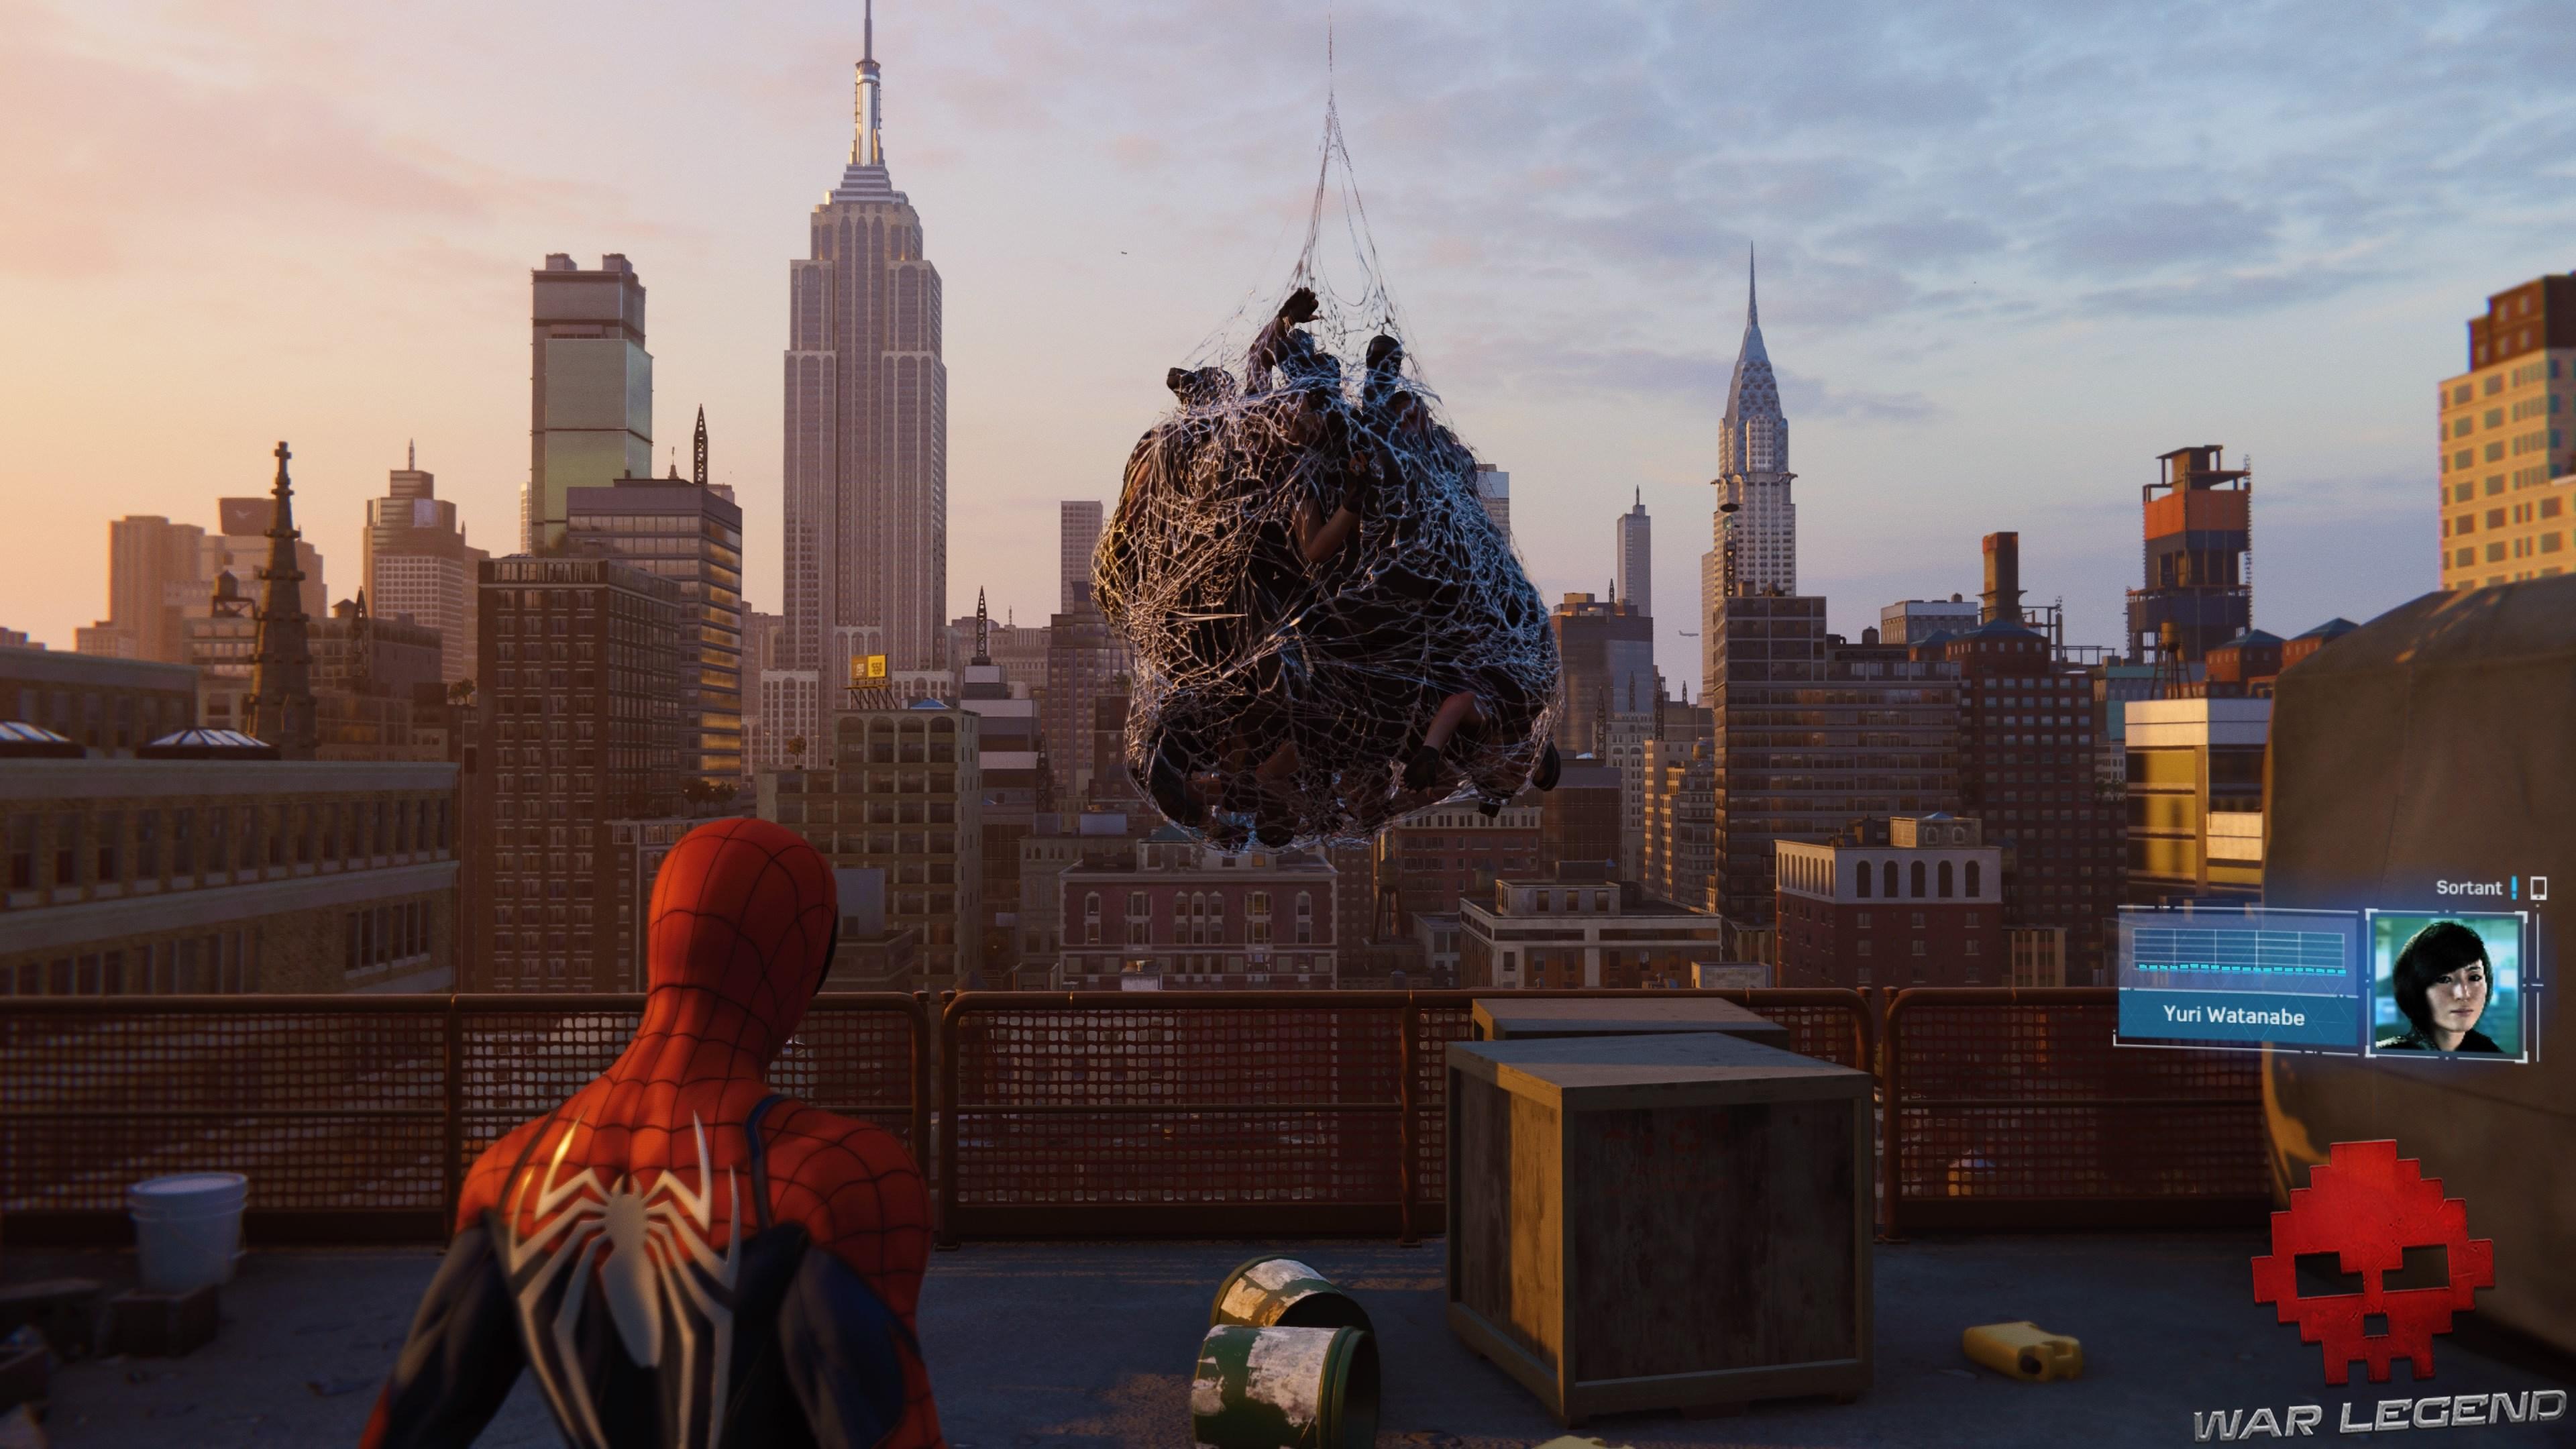 Des ennemis sont entoilés par Spiderman